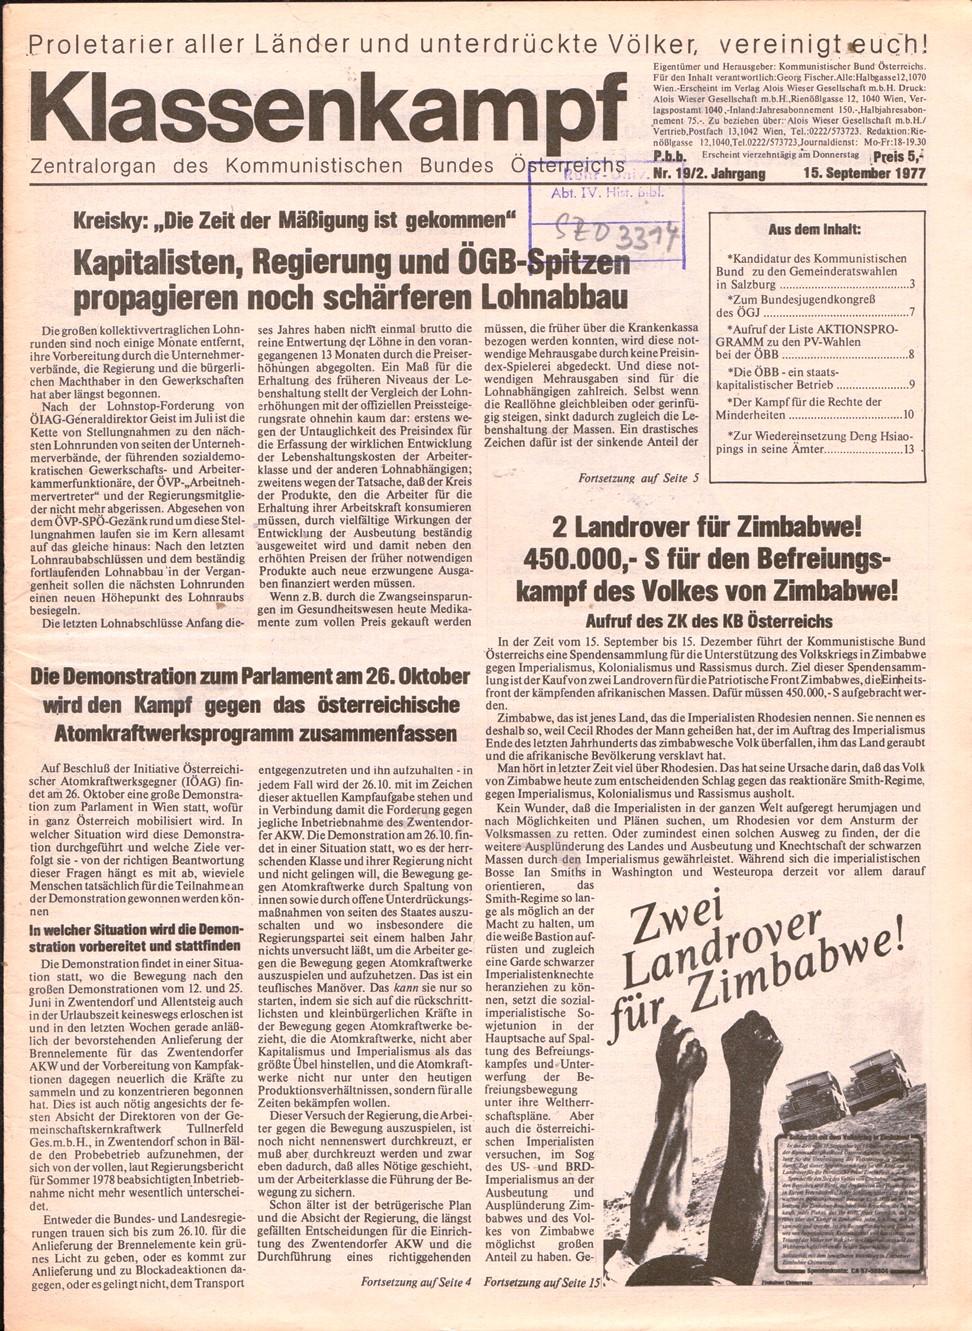 KBOe_Klassenkampf_1977_19_01